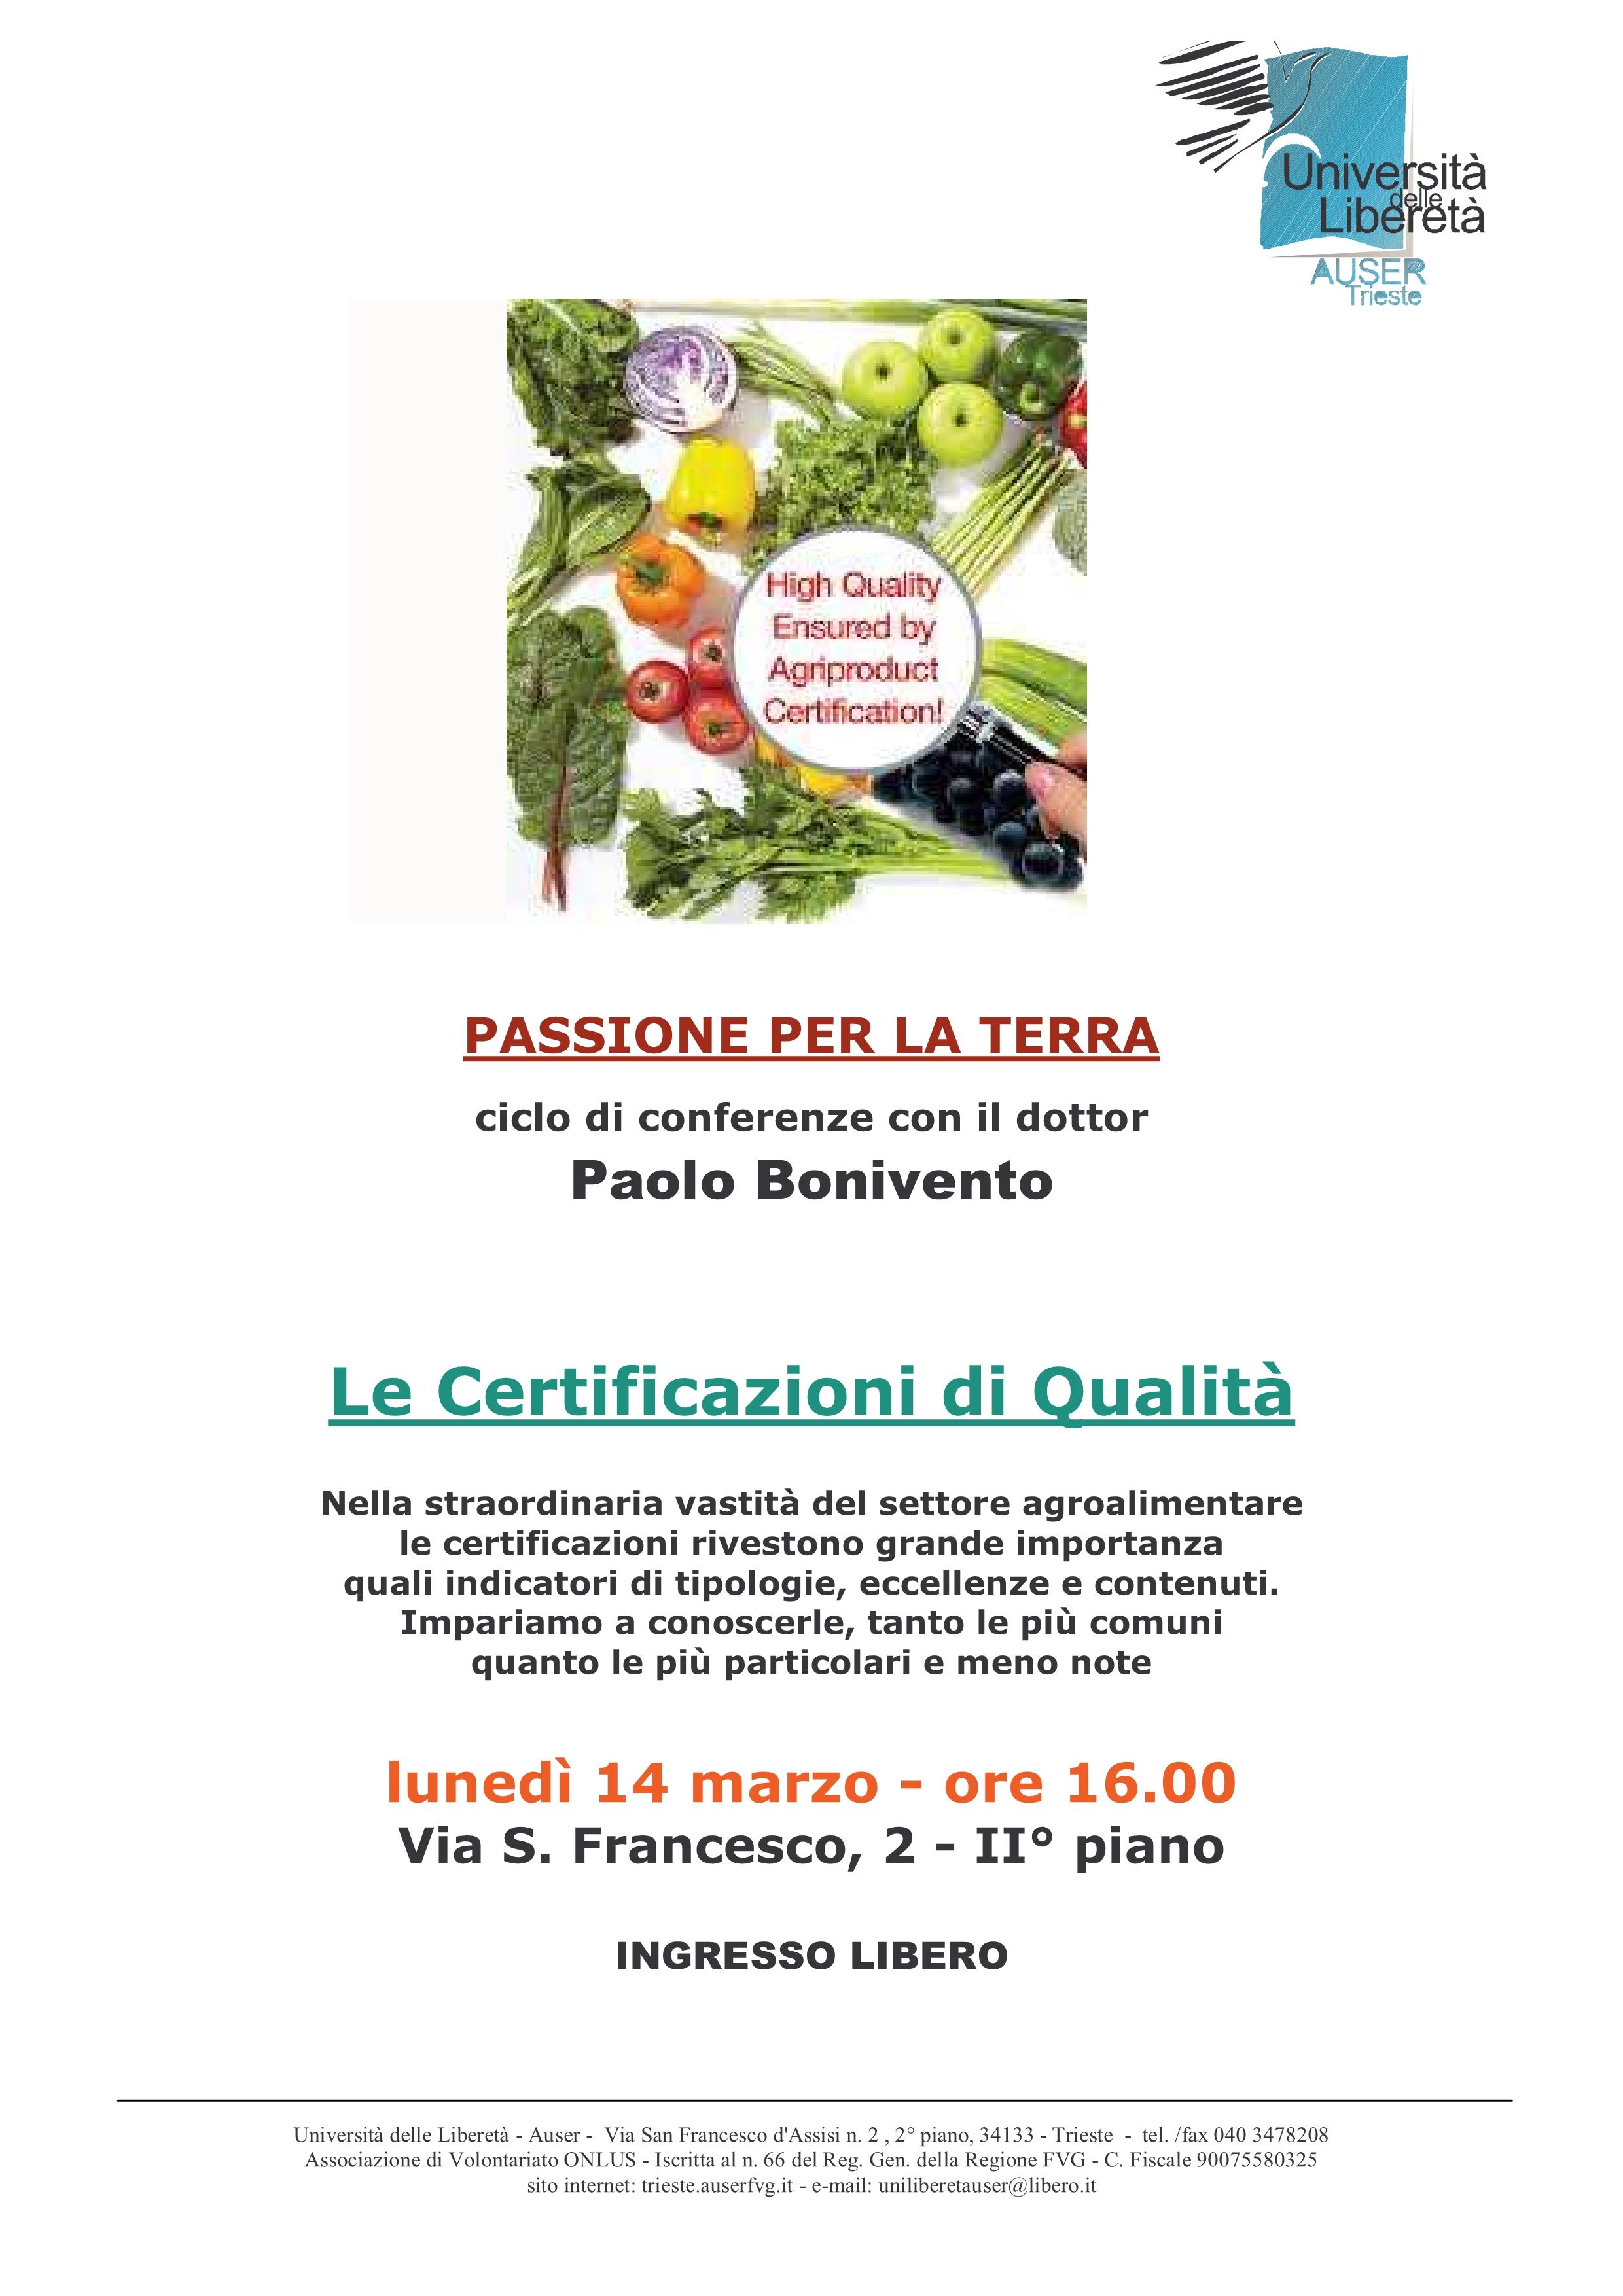 Le certificazioni di qualità agroalimentari